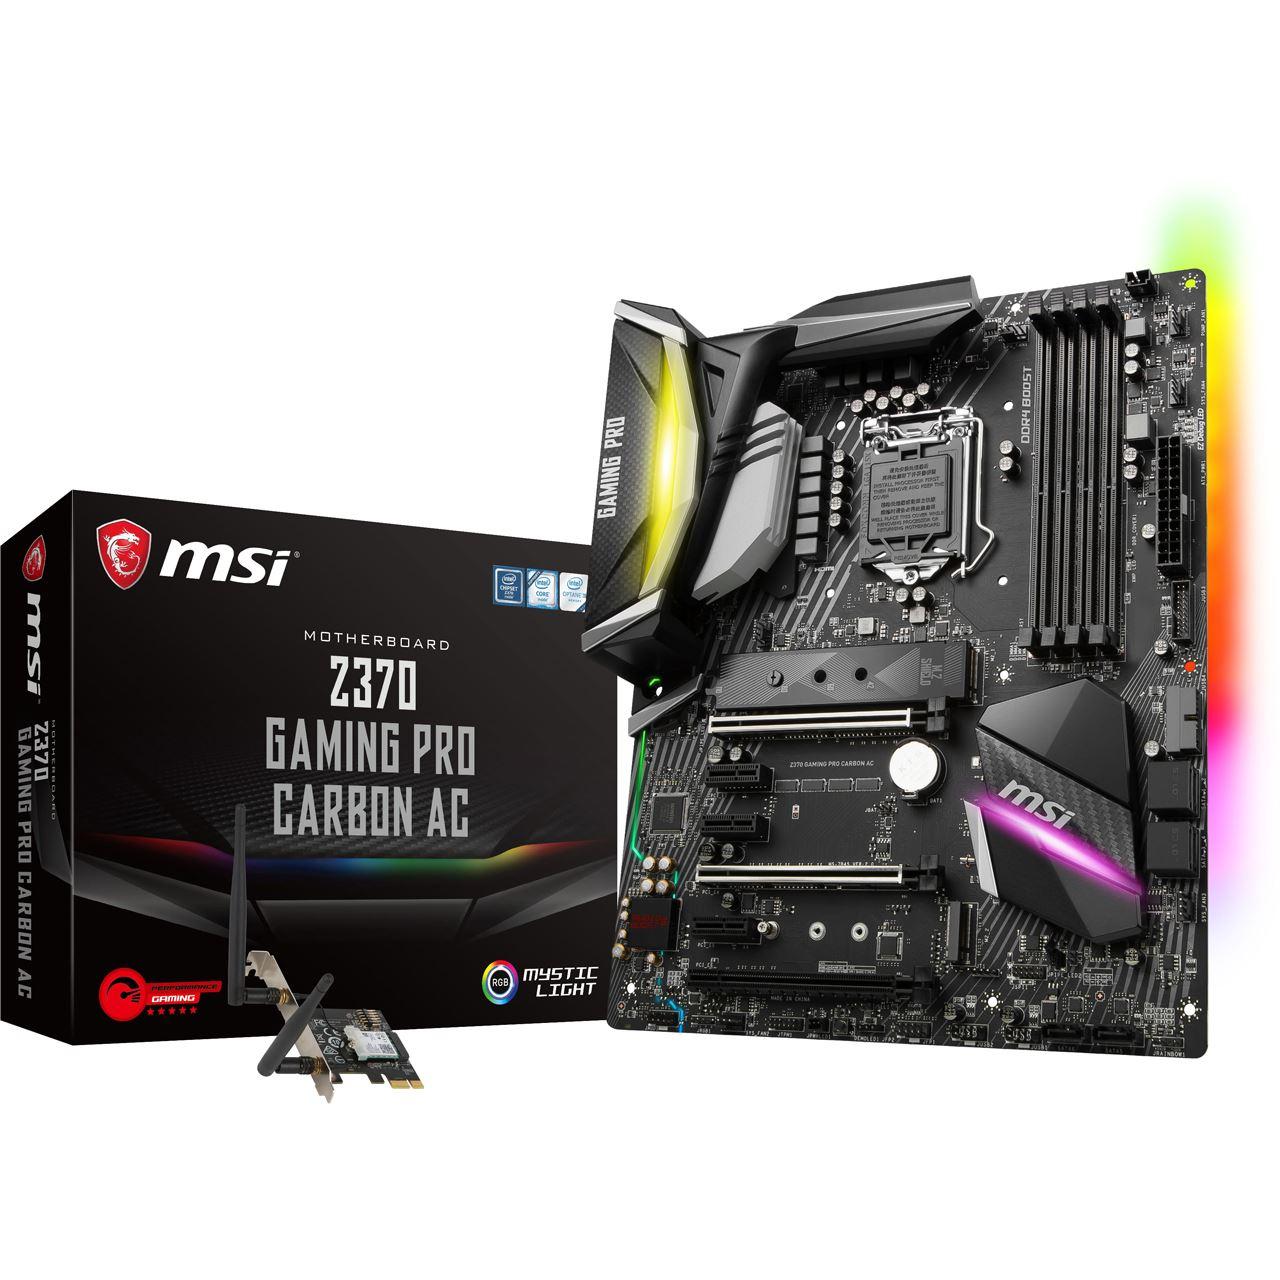 [Vorübergehend ausverkauft] MSI Z370 Gaming Pro Carbon AC ATX | -19%